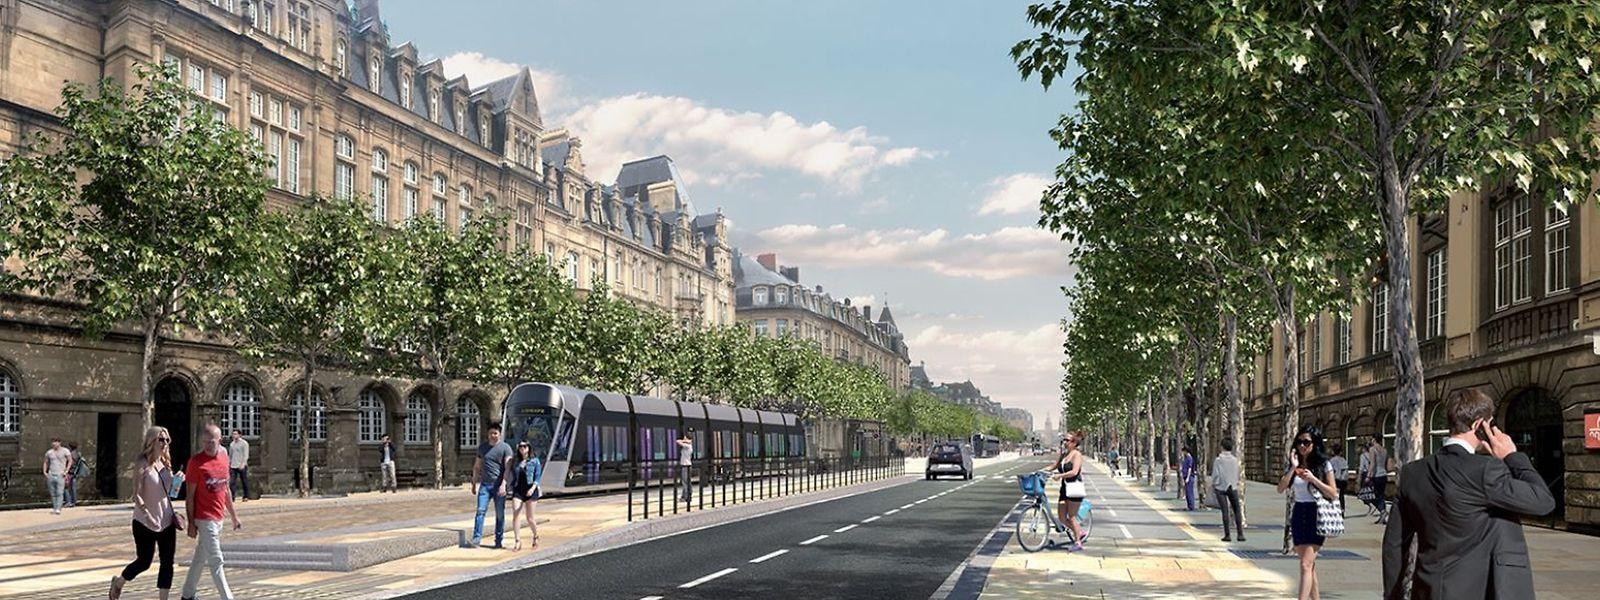 Le tramway devrait traverser la ville vers la gare d'ici 2020.